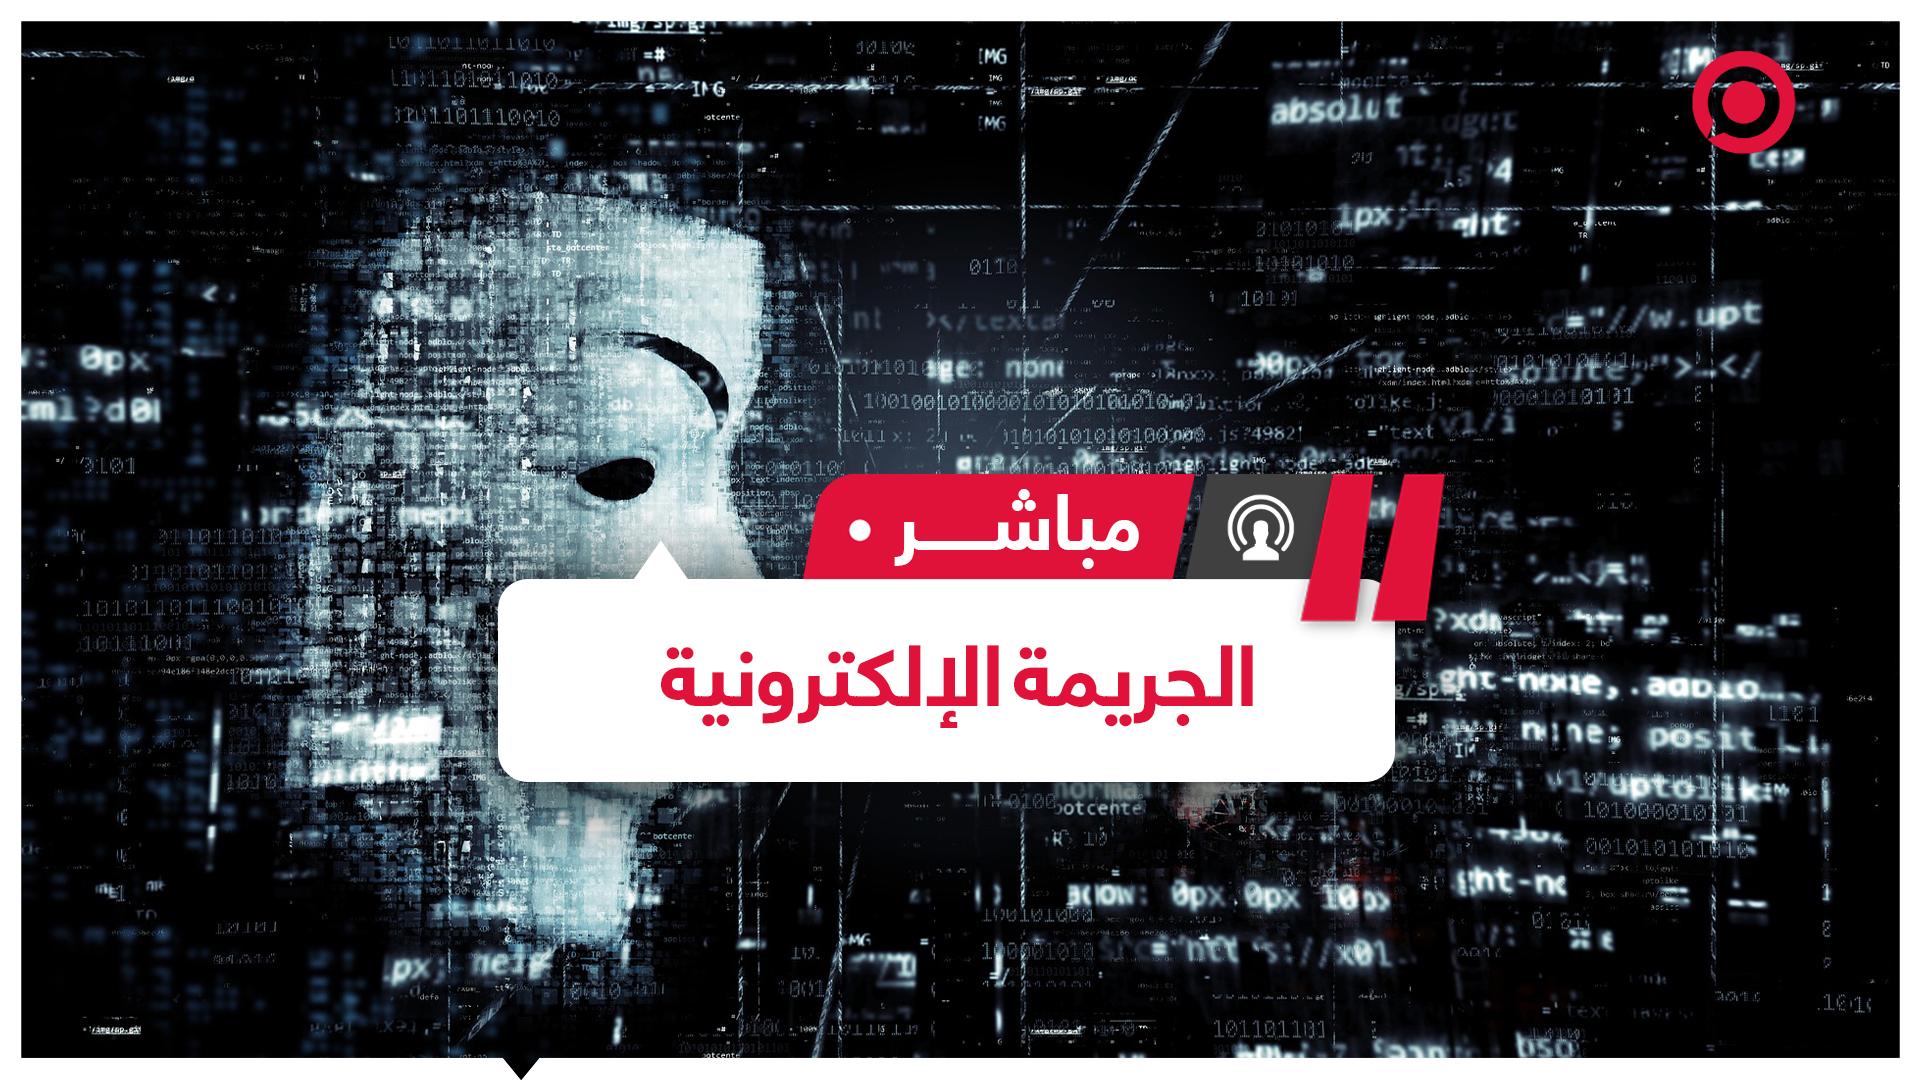 انتحار عراقية بسبب ابتزازها إلكترونيا ما أسباب تفشي الجرائم الإلكترونية؟